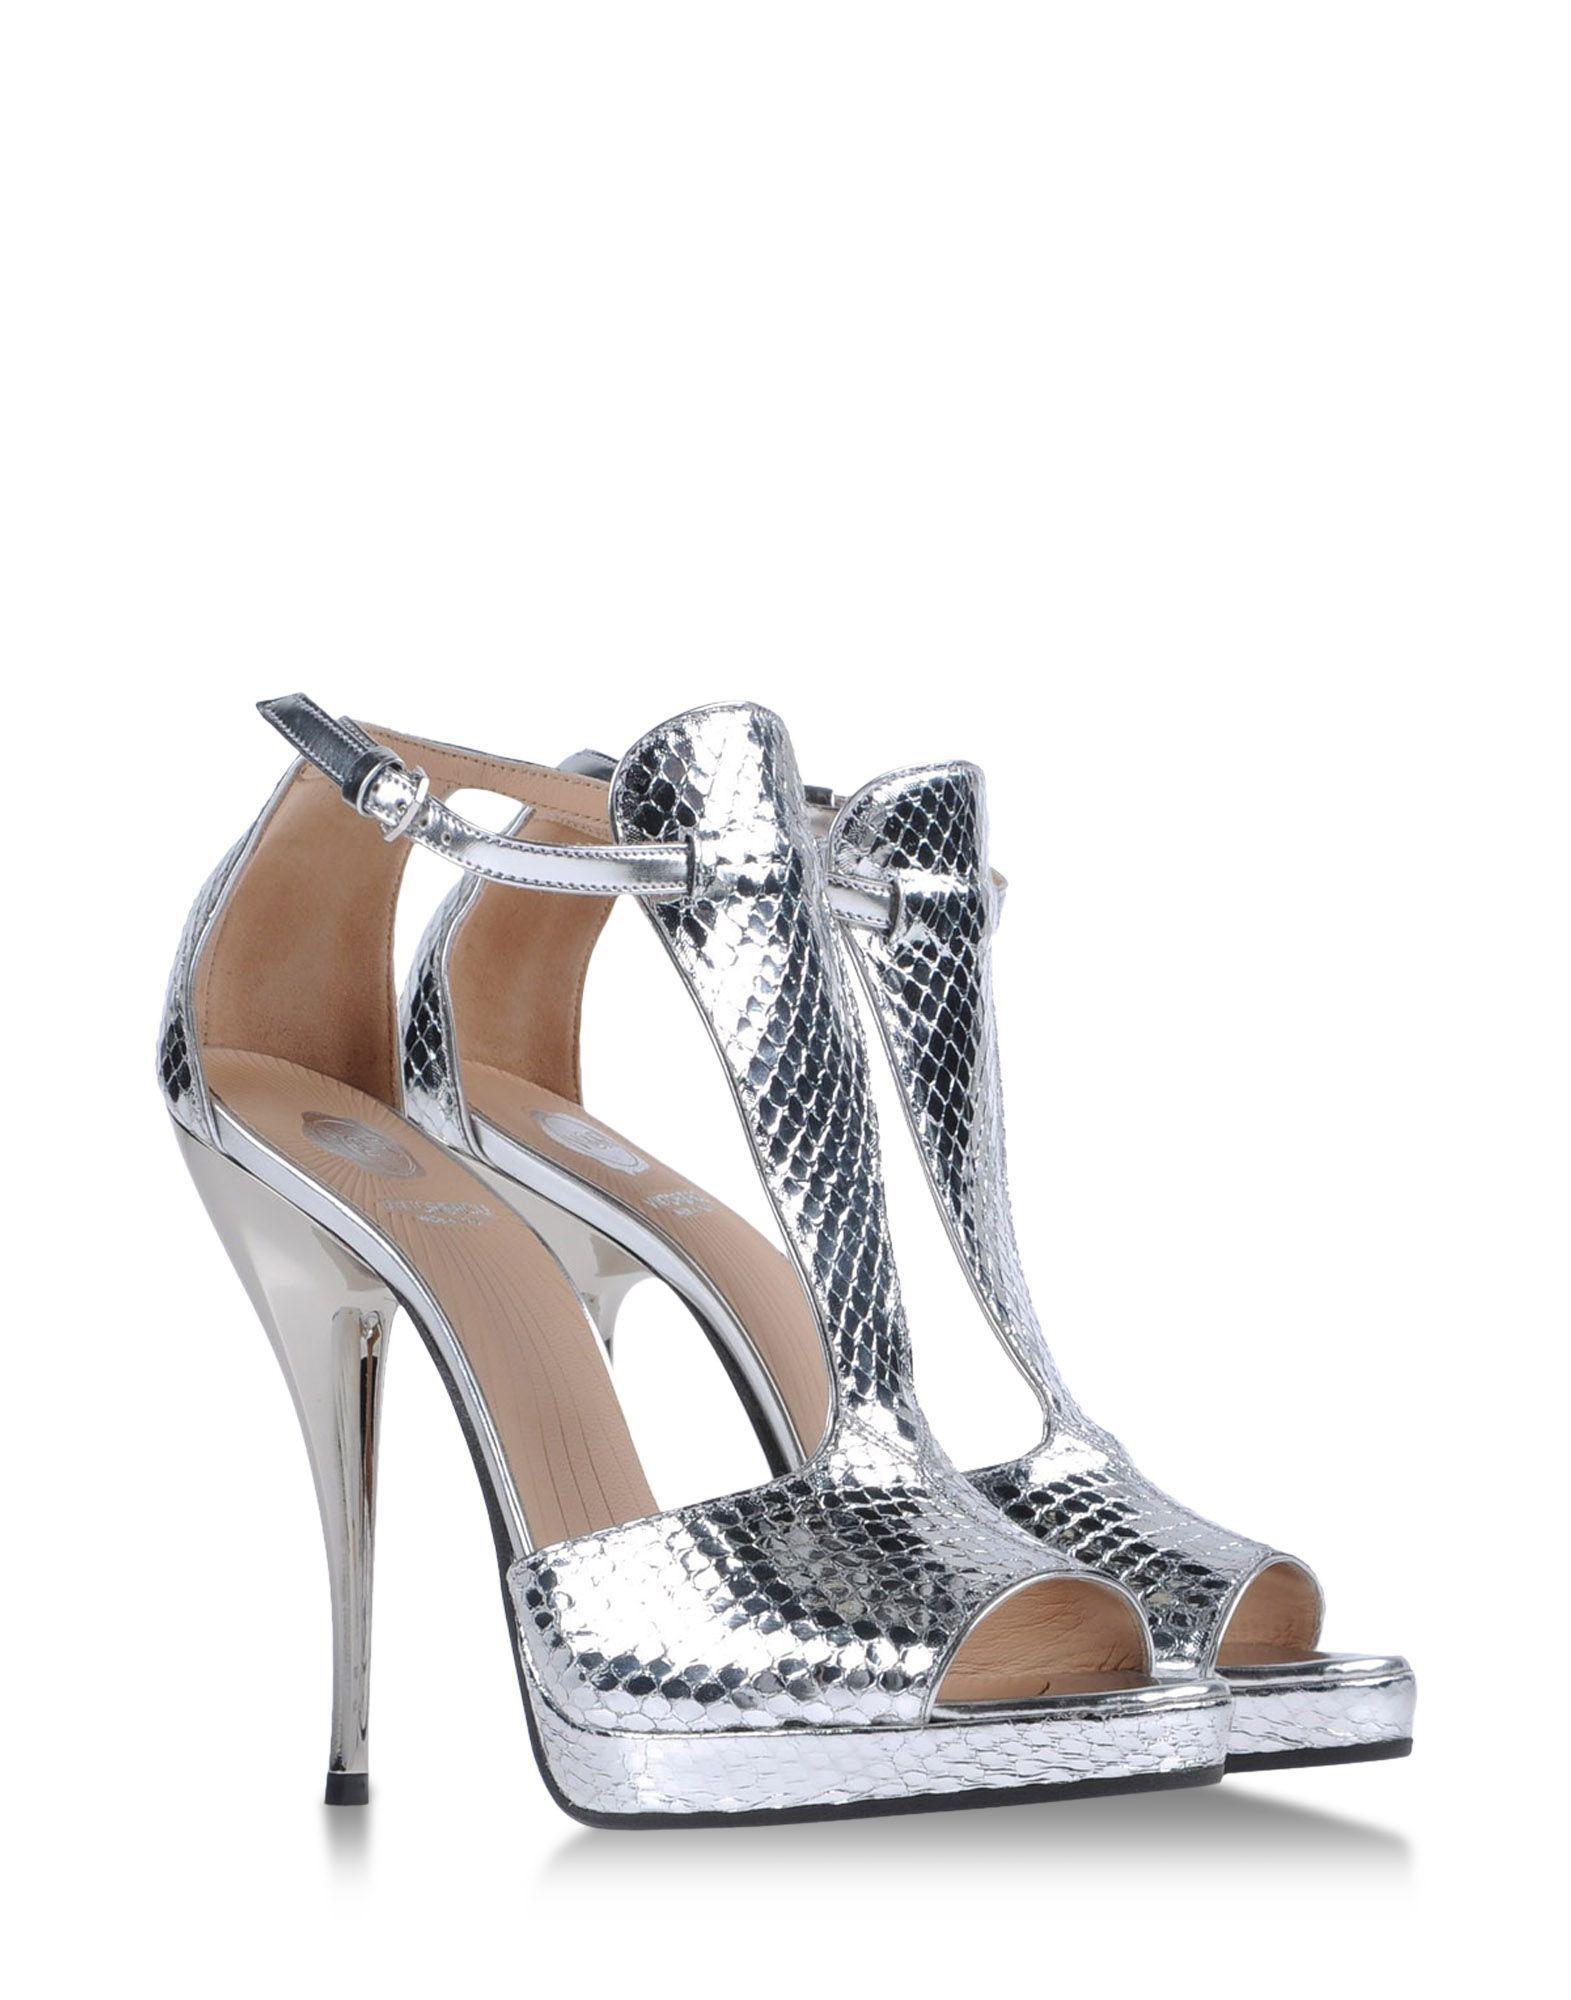 dd8a3468614 Women s Metallic Platform Sandals